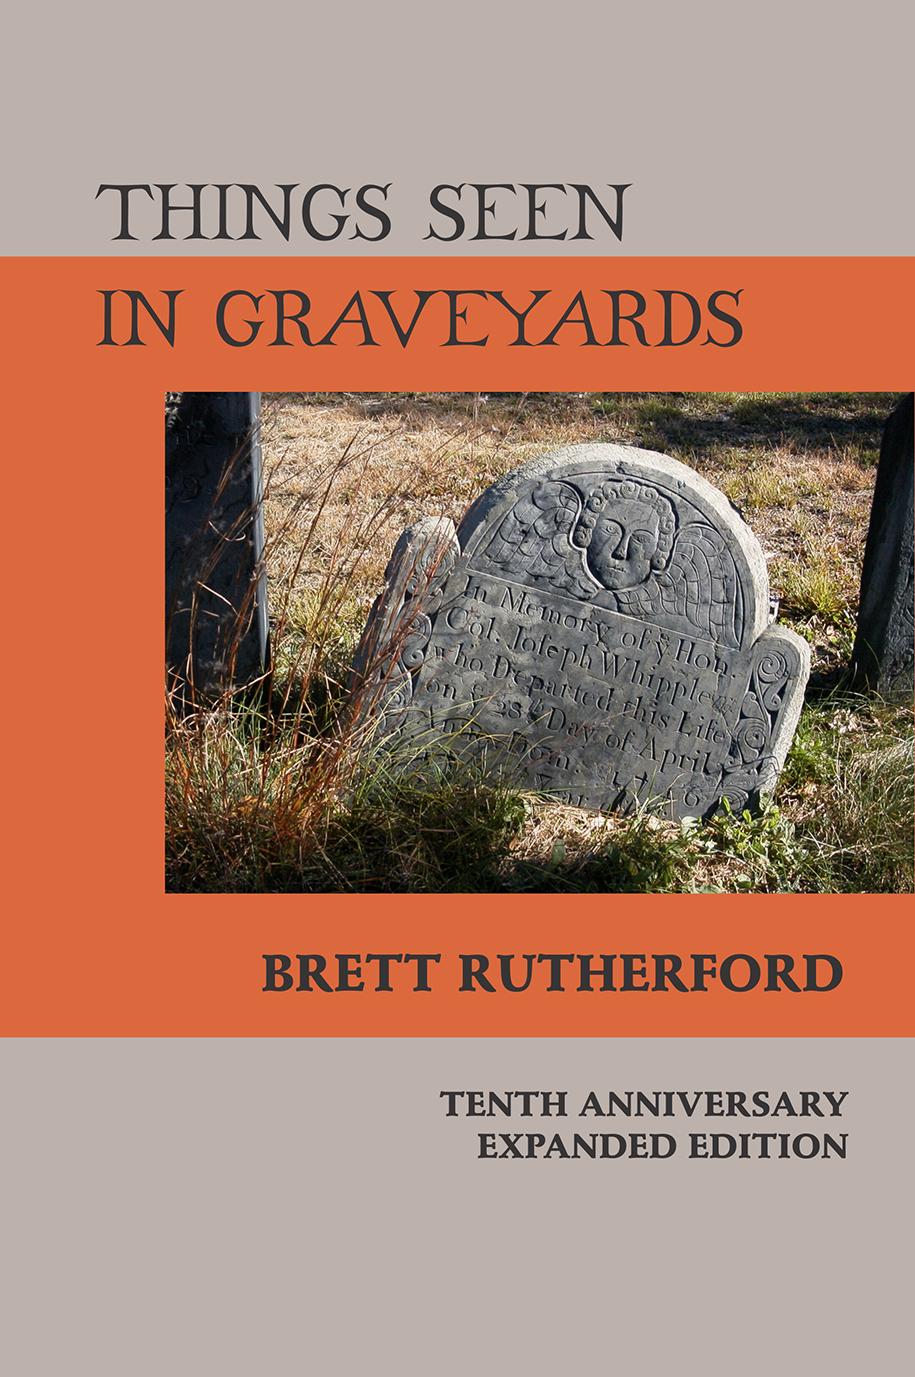 Things Seen In Graveyards $200 Buy Ebook Now